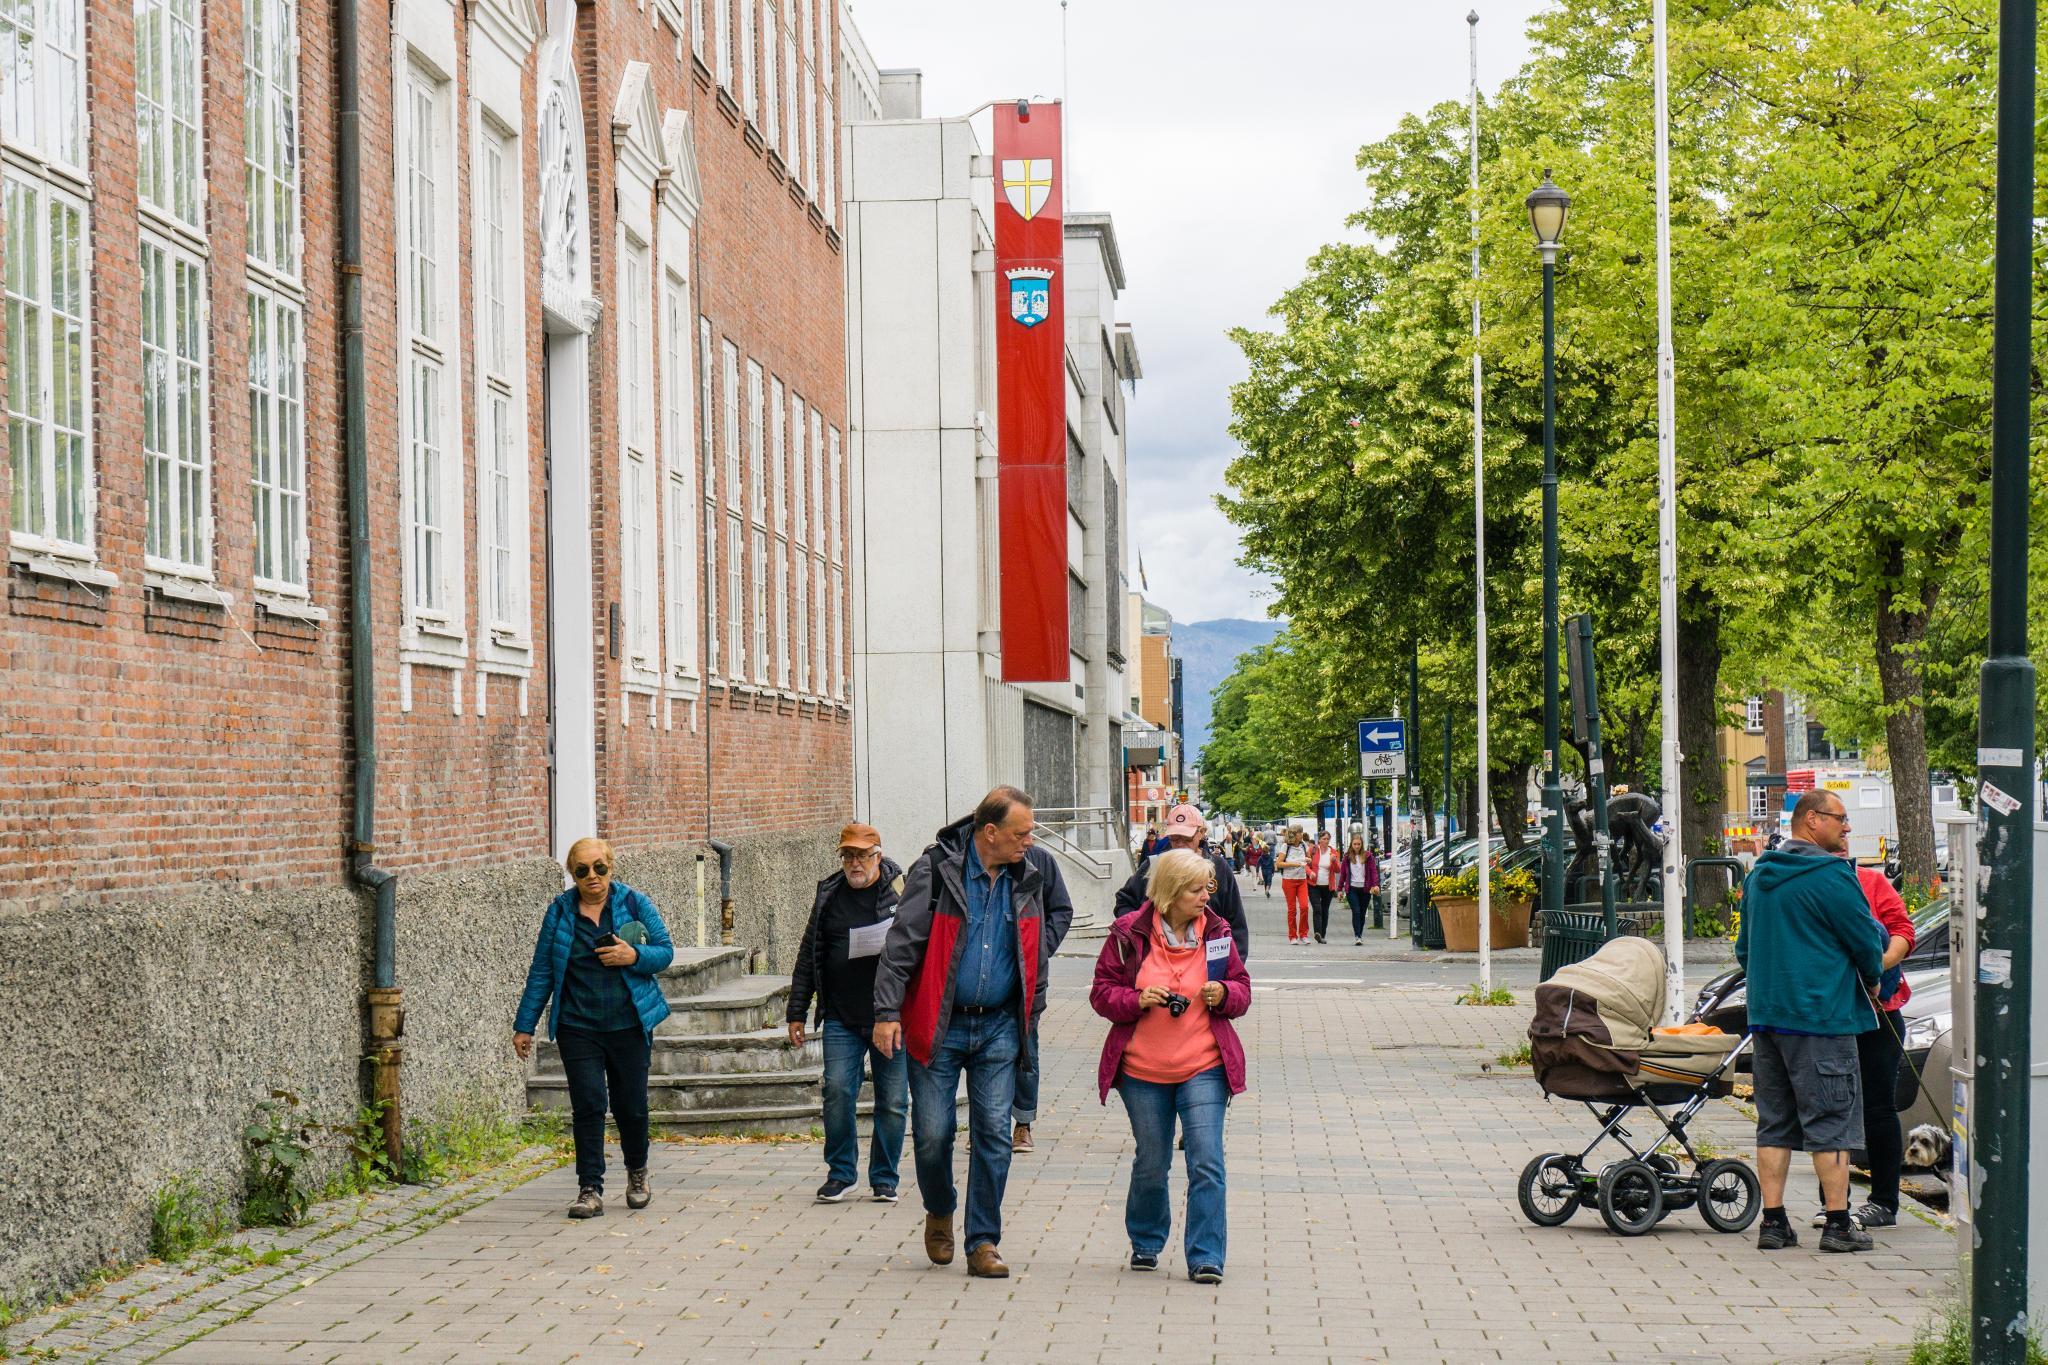 【北歐景點】拜訪維京王的千年古城 - Trondheim 特隆赫姆景點懶人包 28